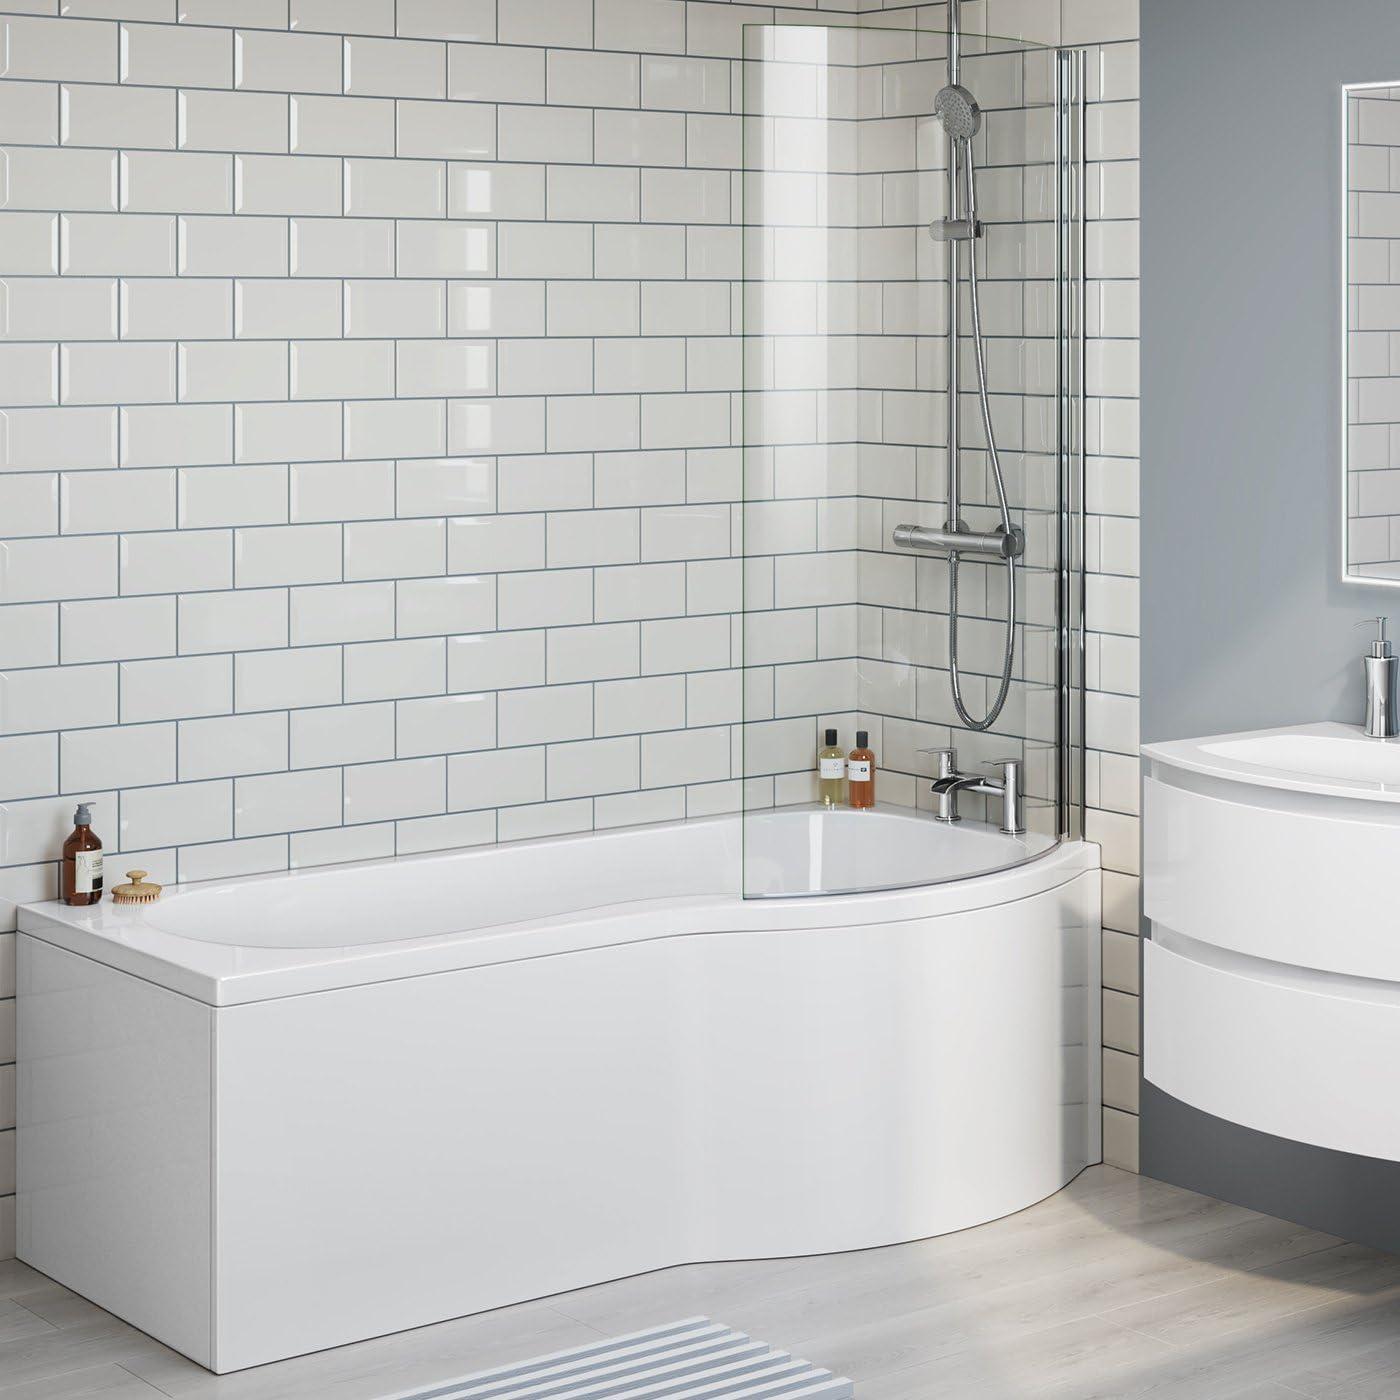 1700 mm derecha p-shaped baño lujo recto bañera con mampara de ducha + Panel: iBathUK: Amazon.es: Hogar